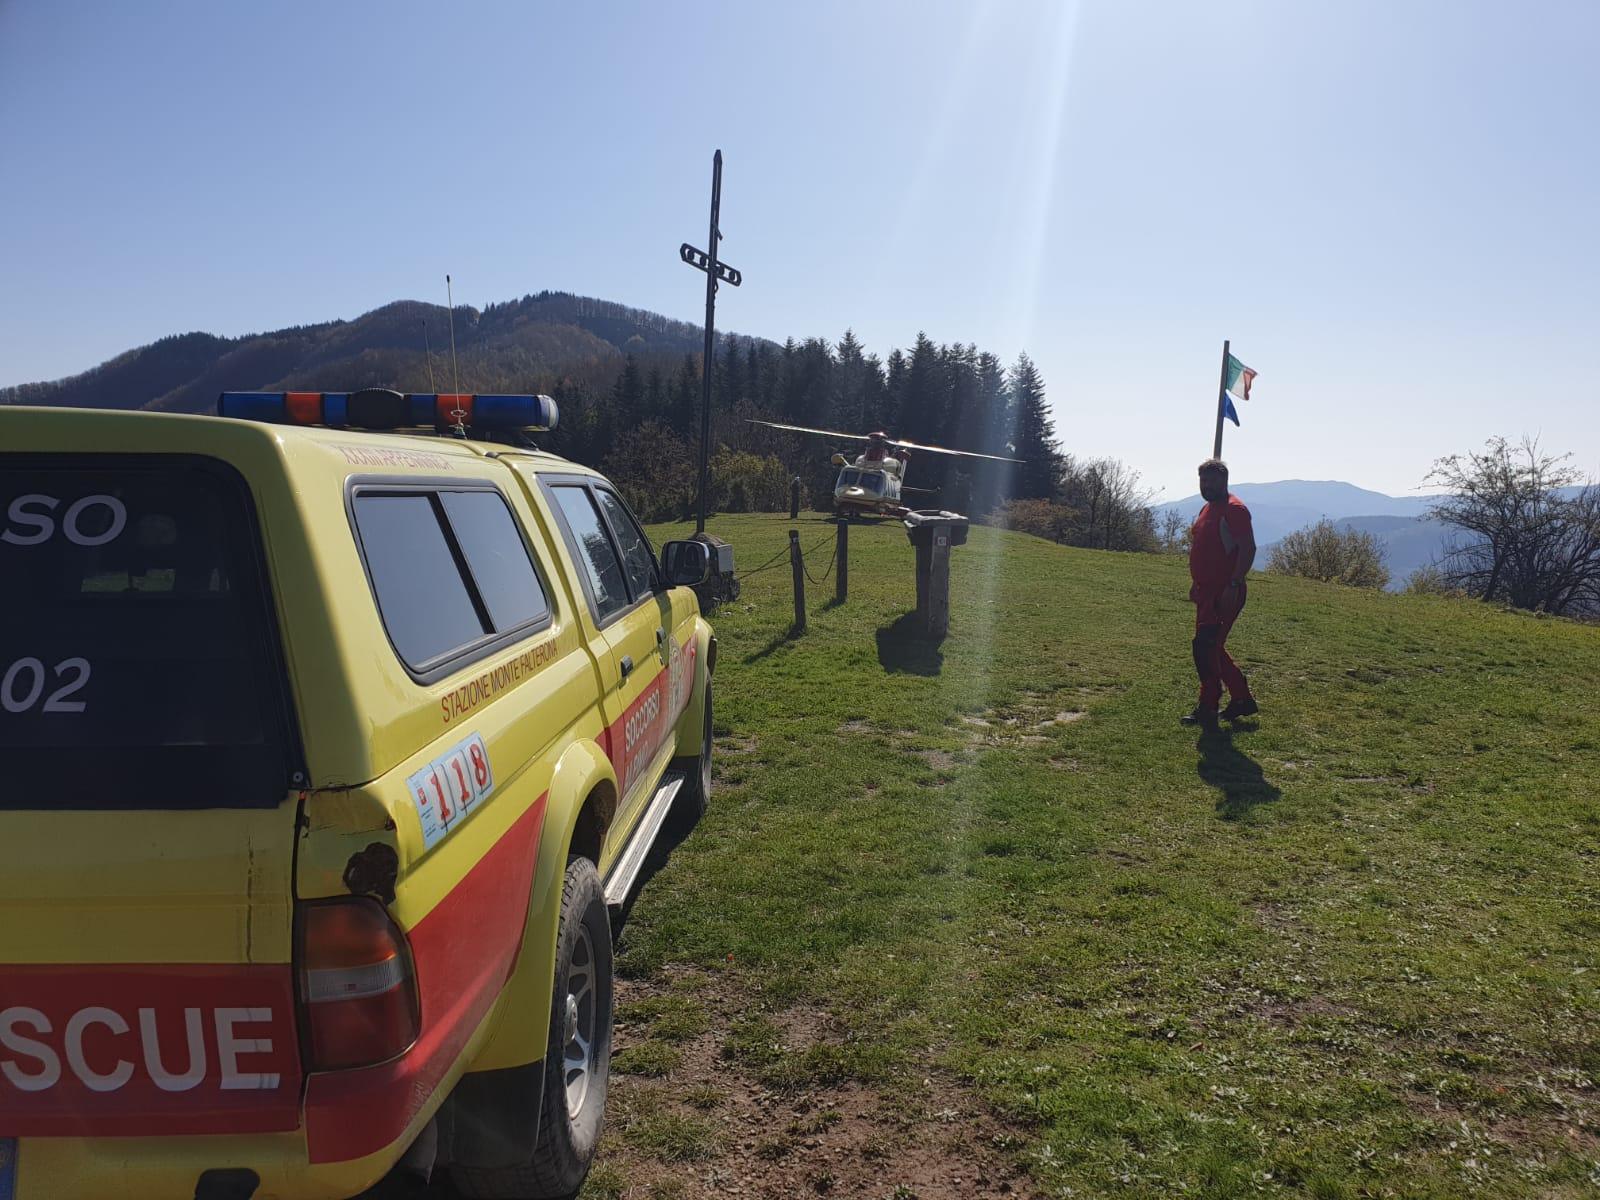 La Stazione Monte Falterona del Soccorso Alpino Toscano  attivata per il recupero di un mountain biker in difficoltà.